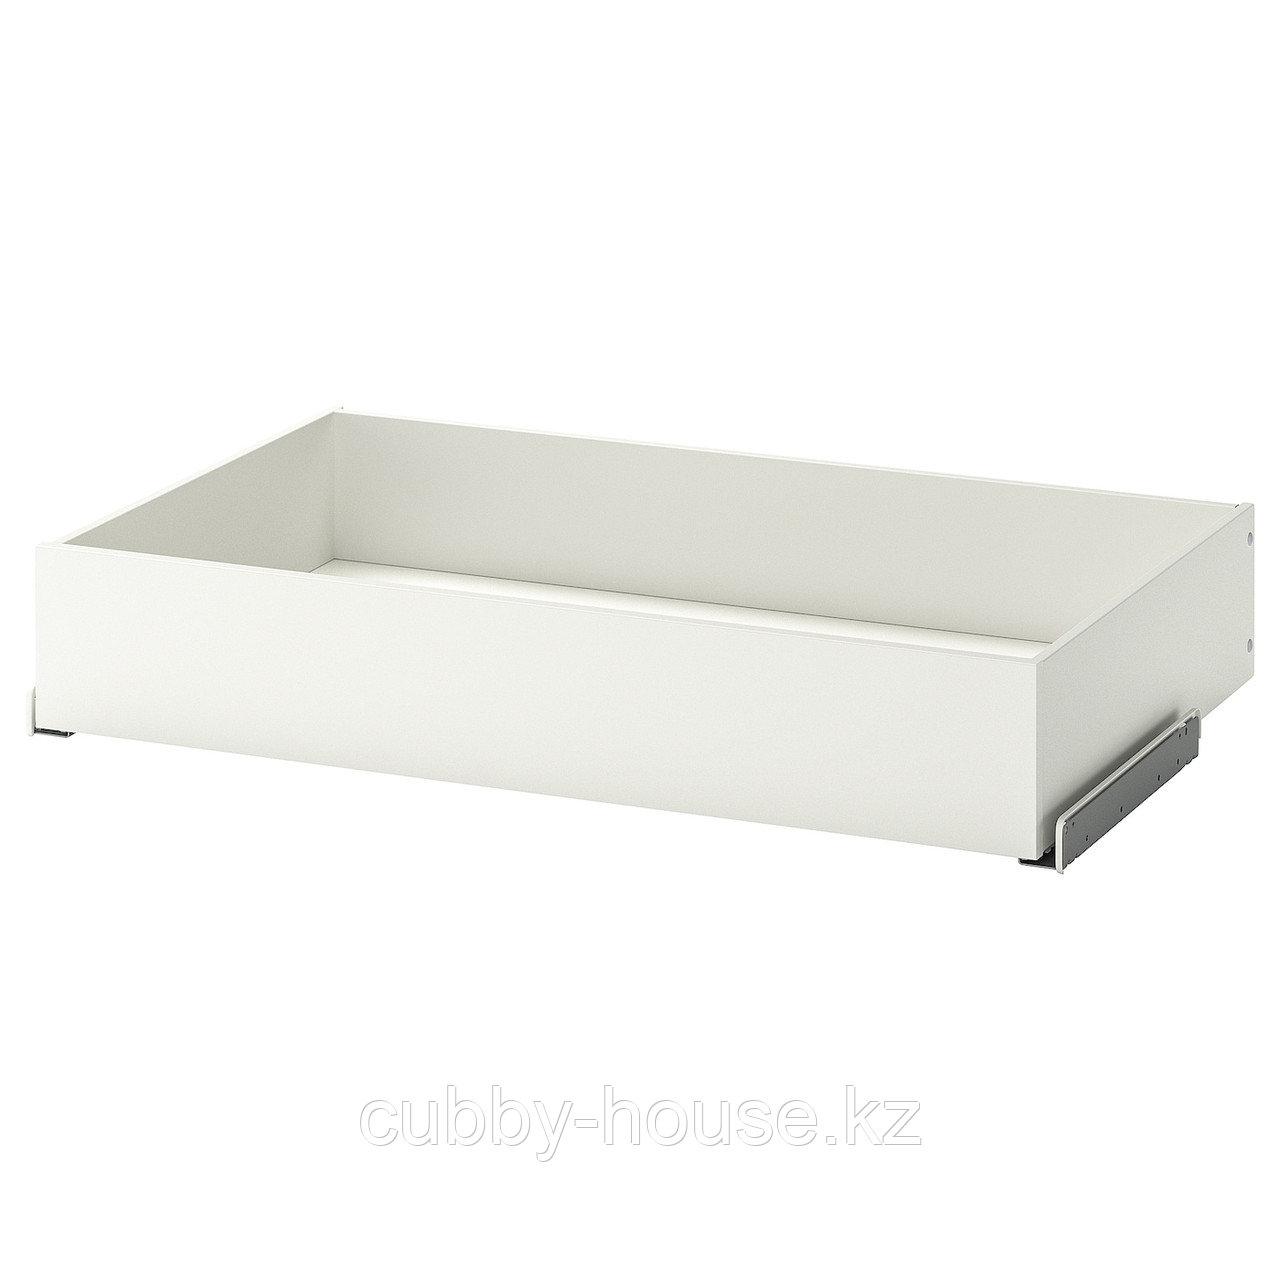 КОМПЛИМЕНТ Ящик, белый, 50x35 см